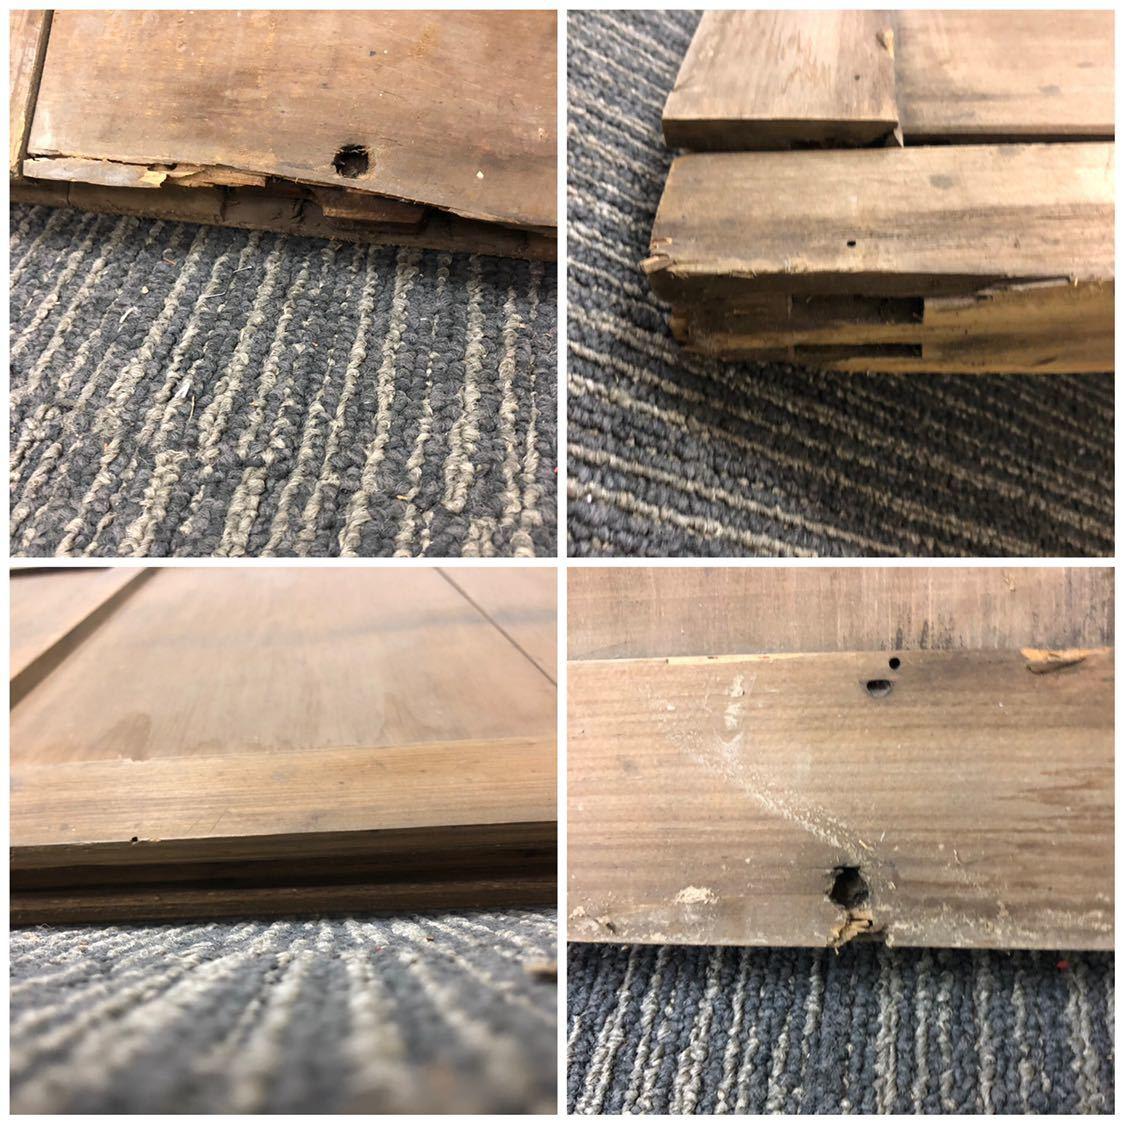 建具 引き戸 1枚 W120.9cm×D3.2cm×H182.5cm 木枠 古家 昭和 レトロ アンティーク インテリア 格安売り切りスタート☆_画像8